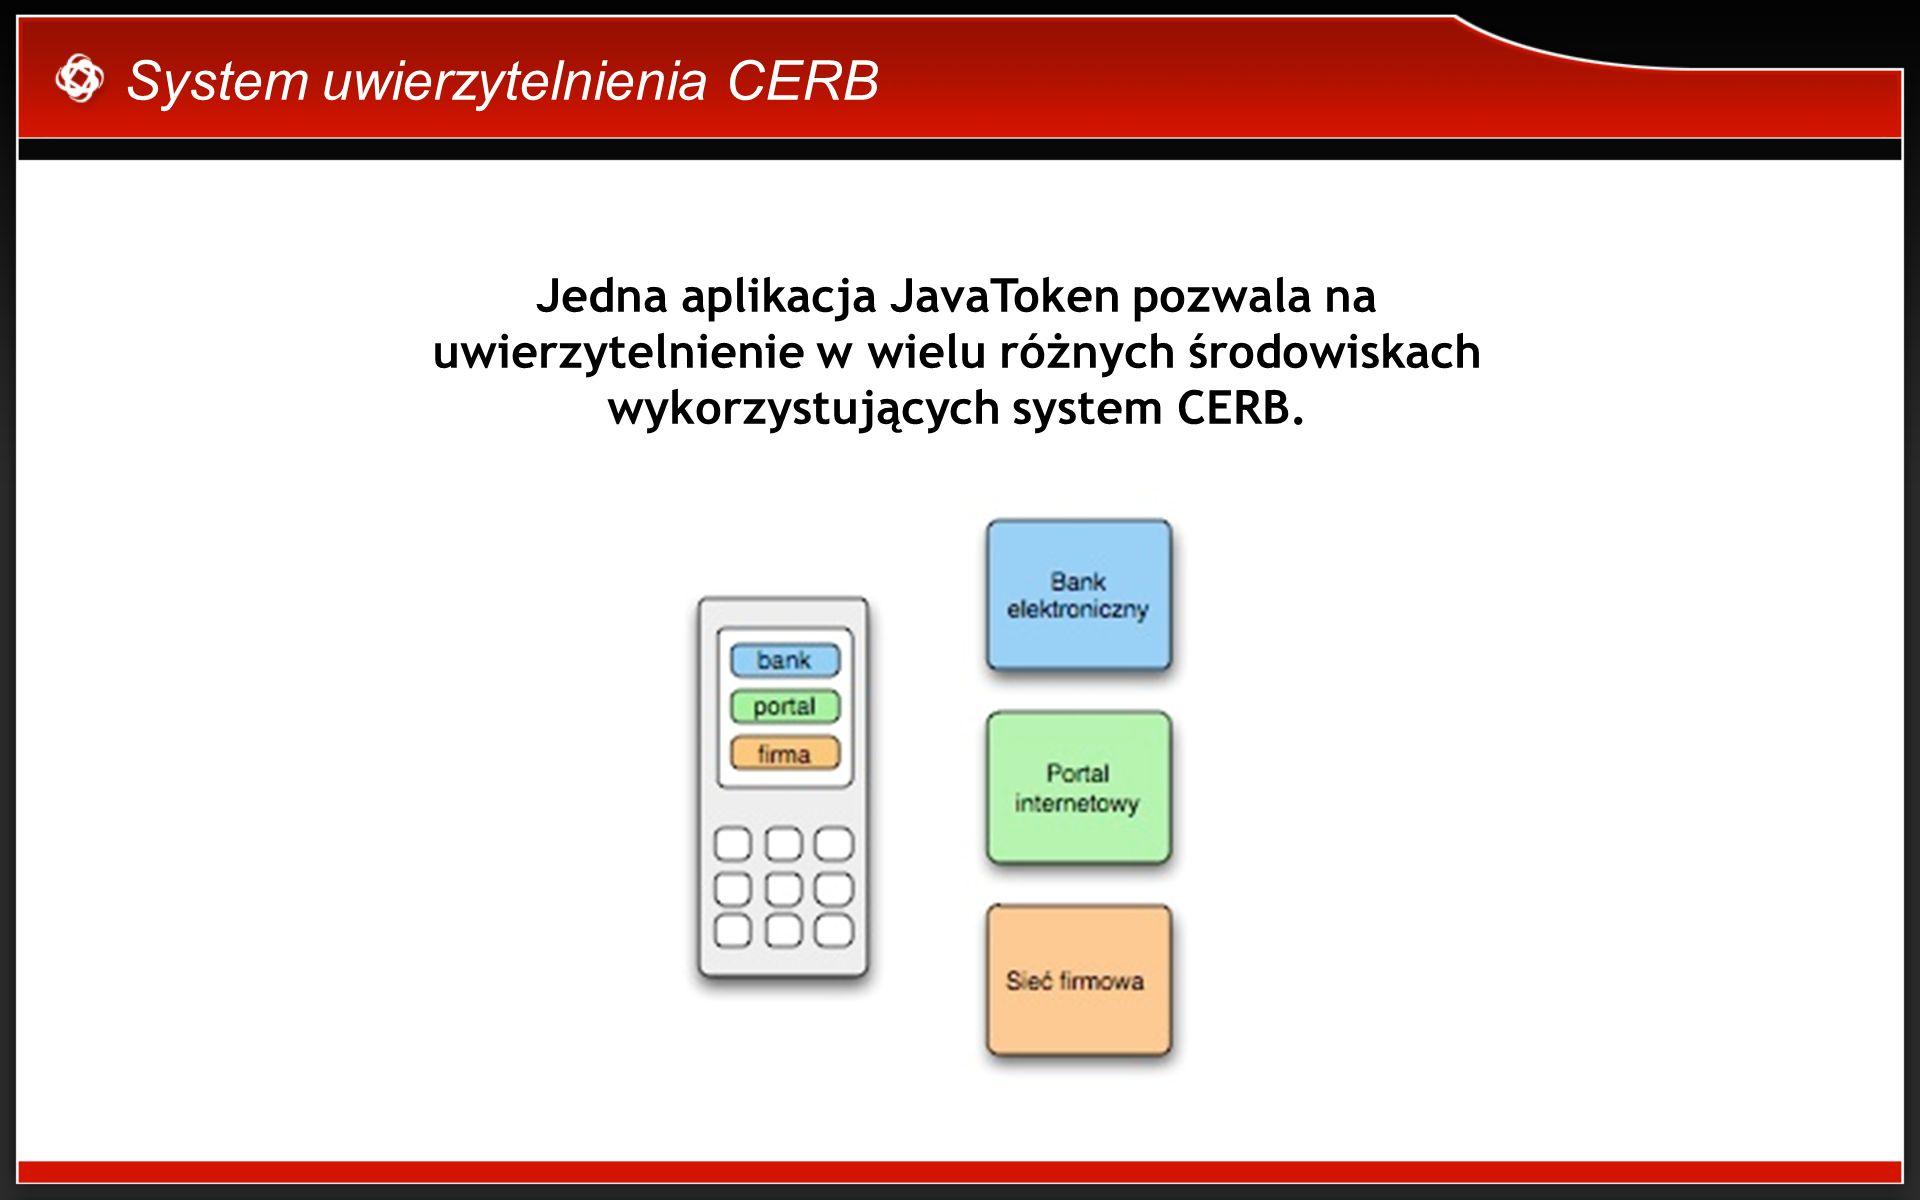 System uwierzytelnienia CERB Jedna aplikacja JavaToken pozwala na uwierzytelnienie w wielu różnych środowiskach wykorzystujących system CERB.